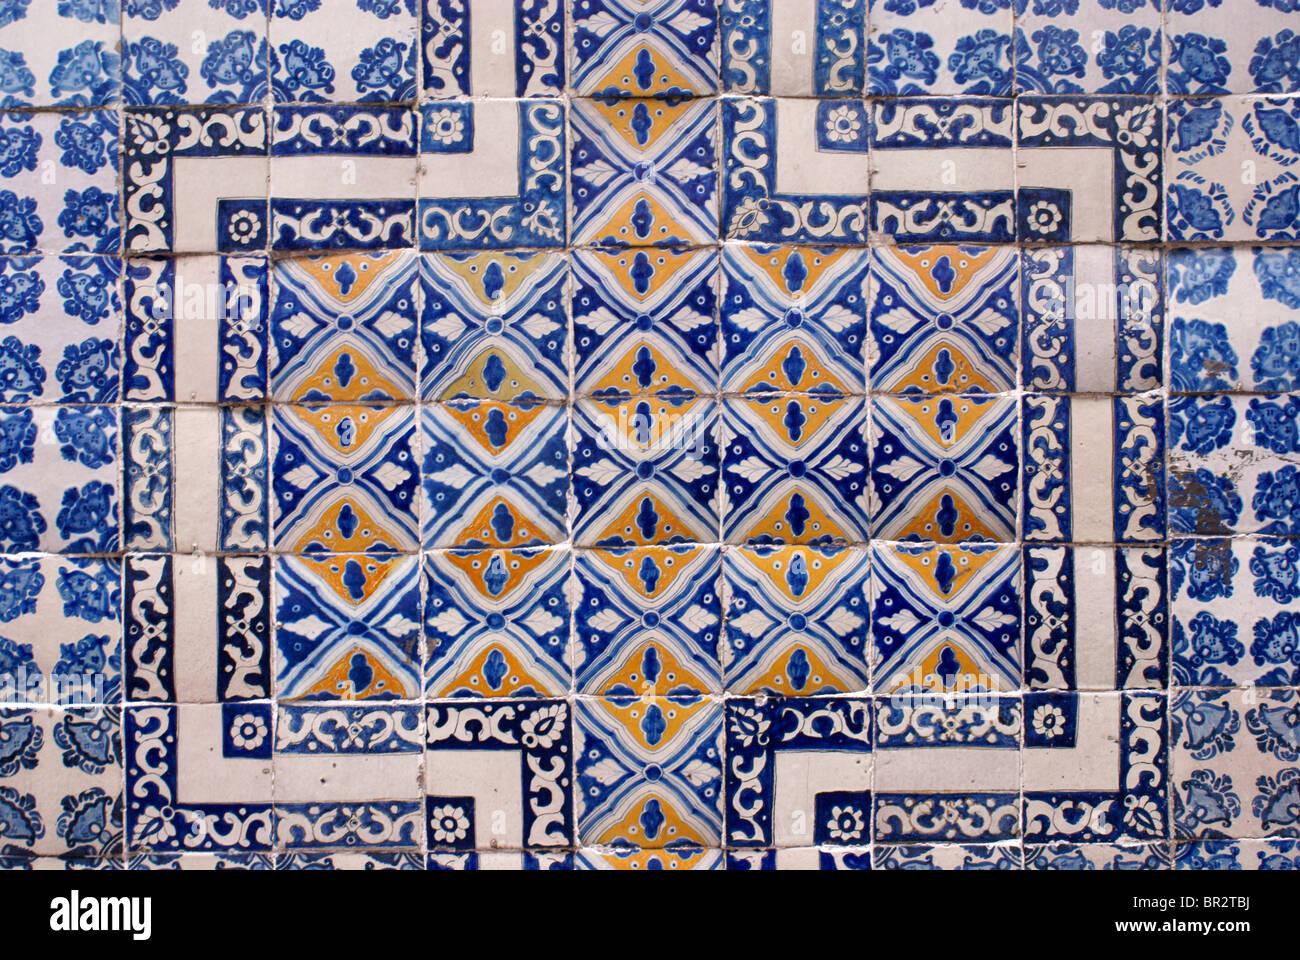 Croce messicana con piastrelle foto e immagini stock getty images